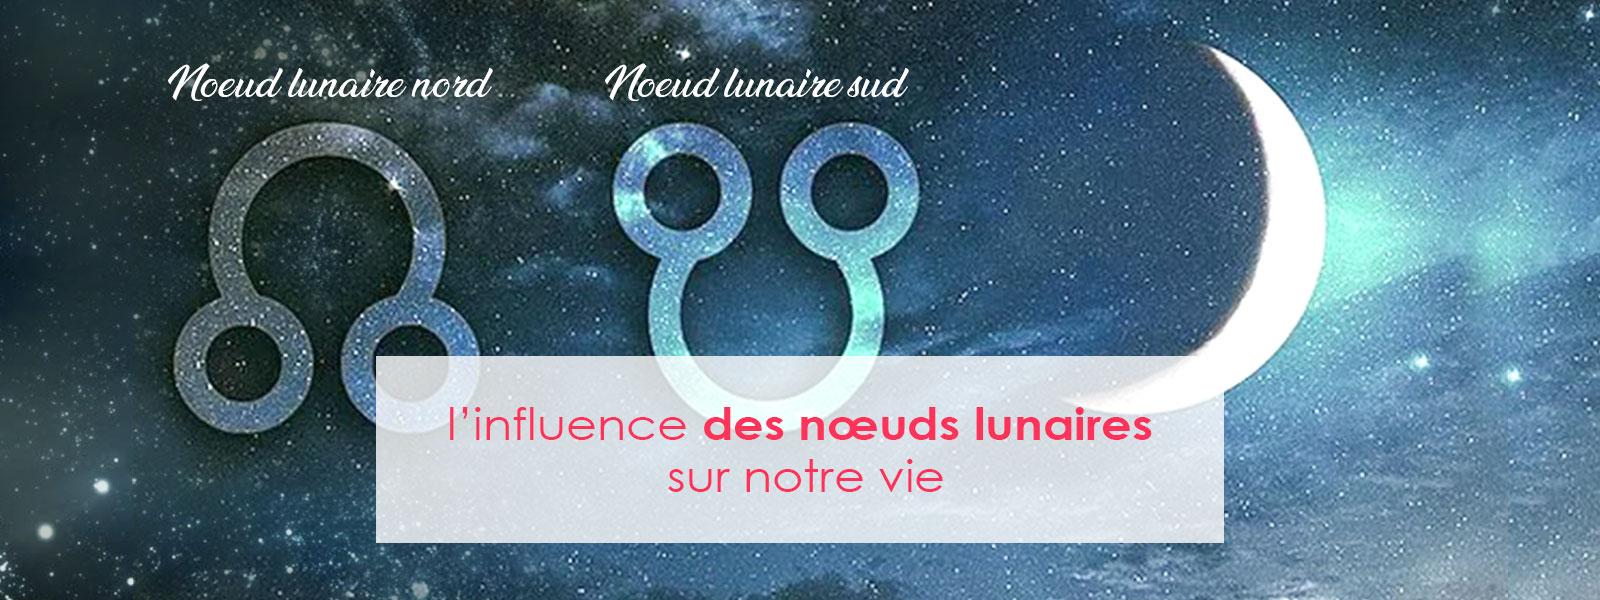 influence des nœuds lunaires sur notre vie